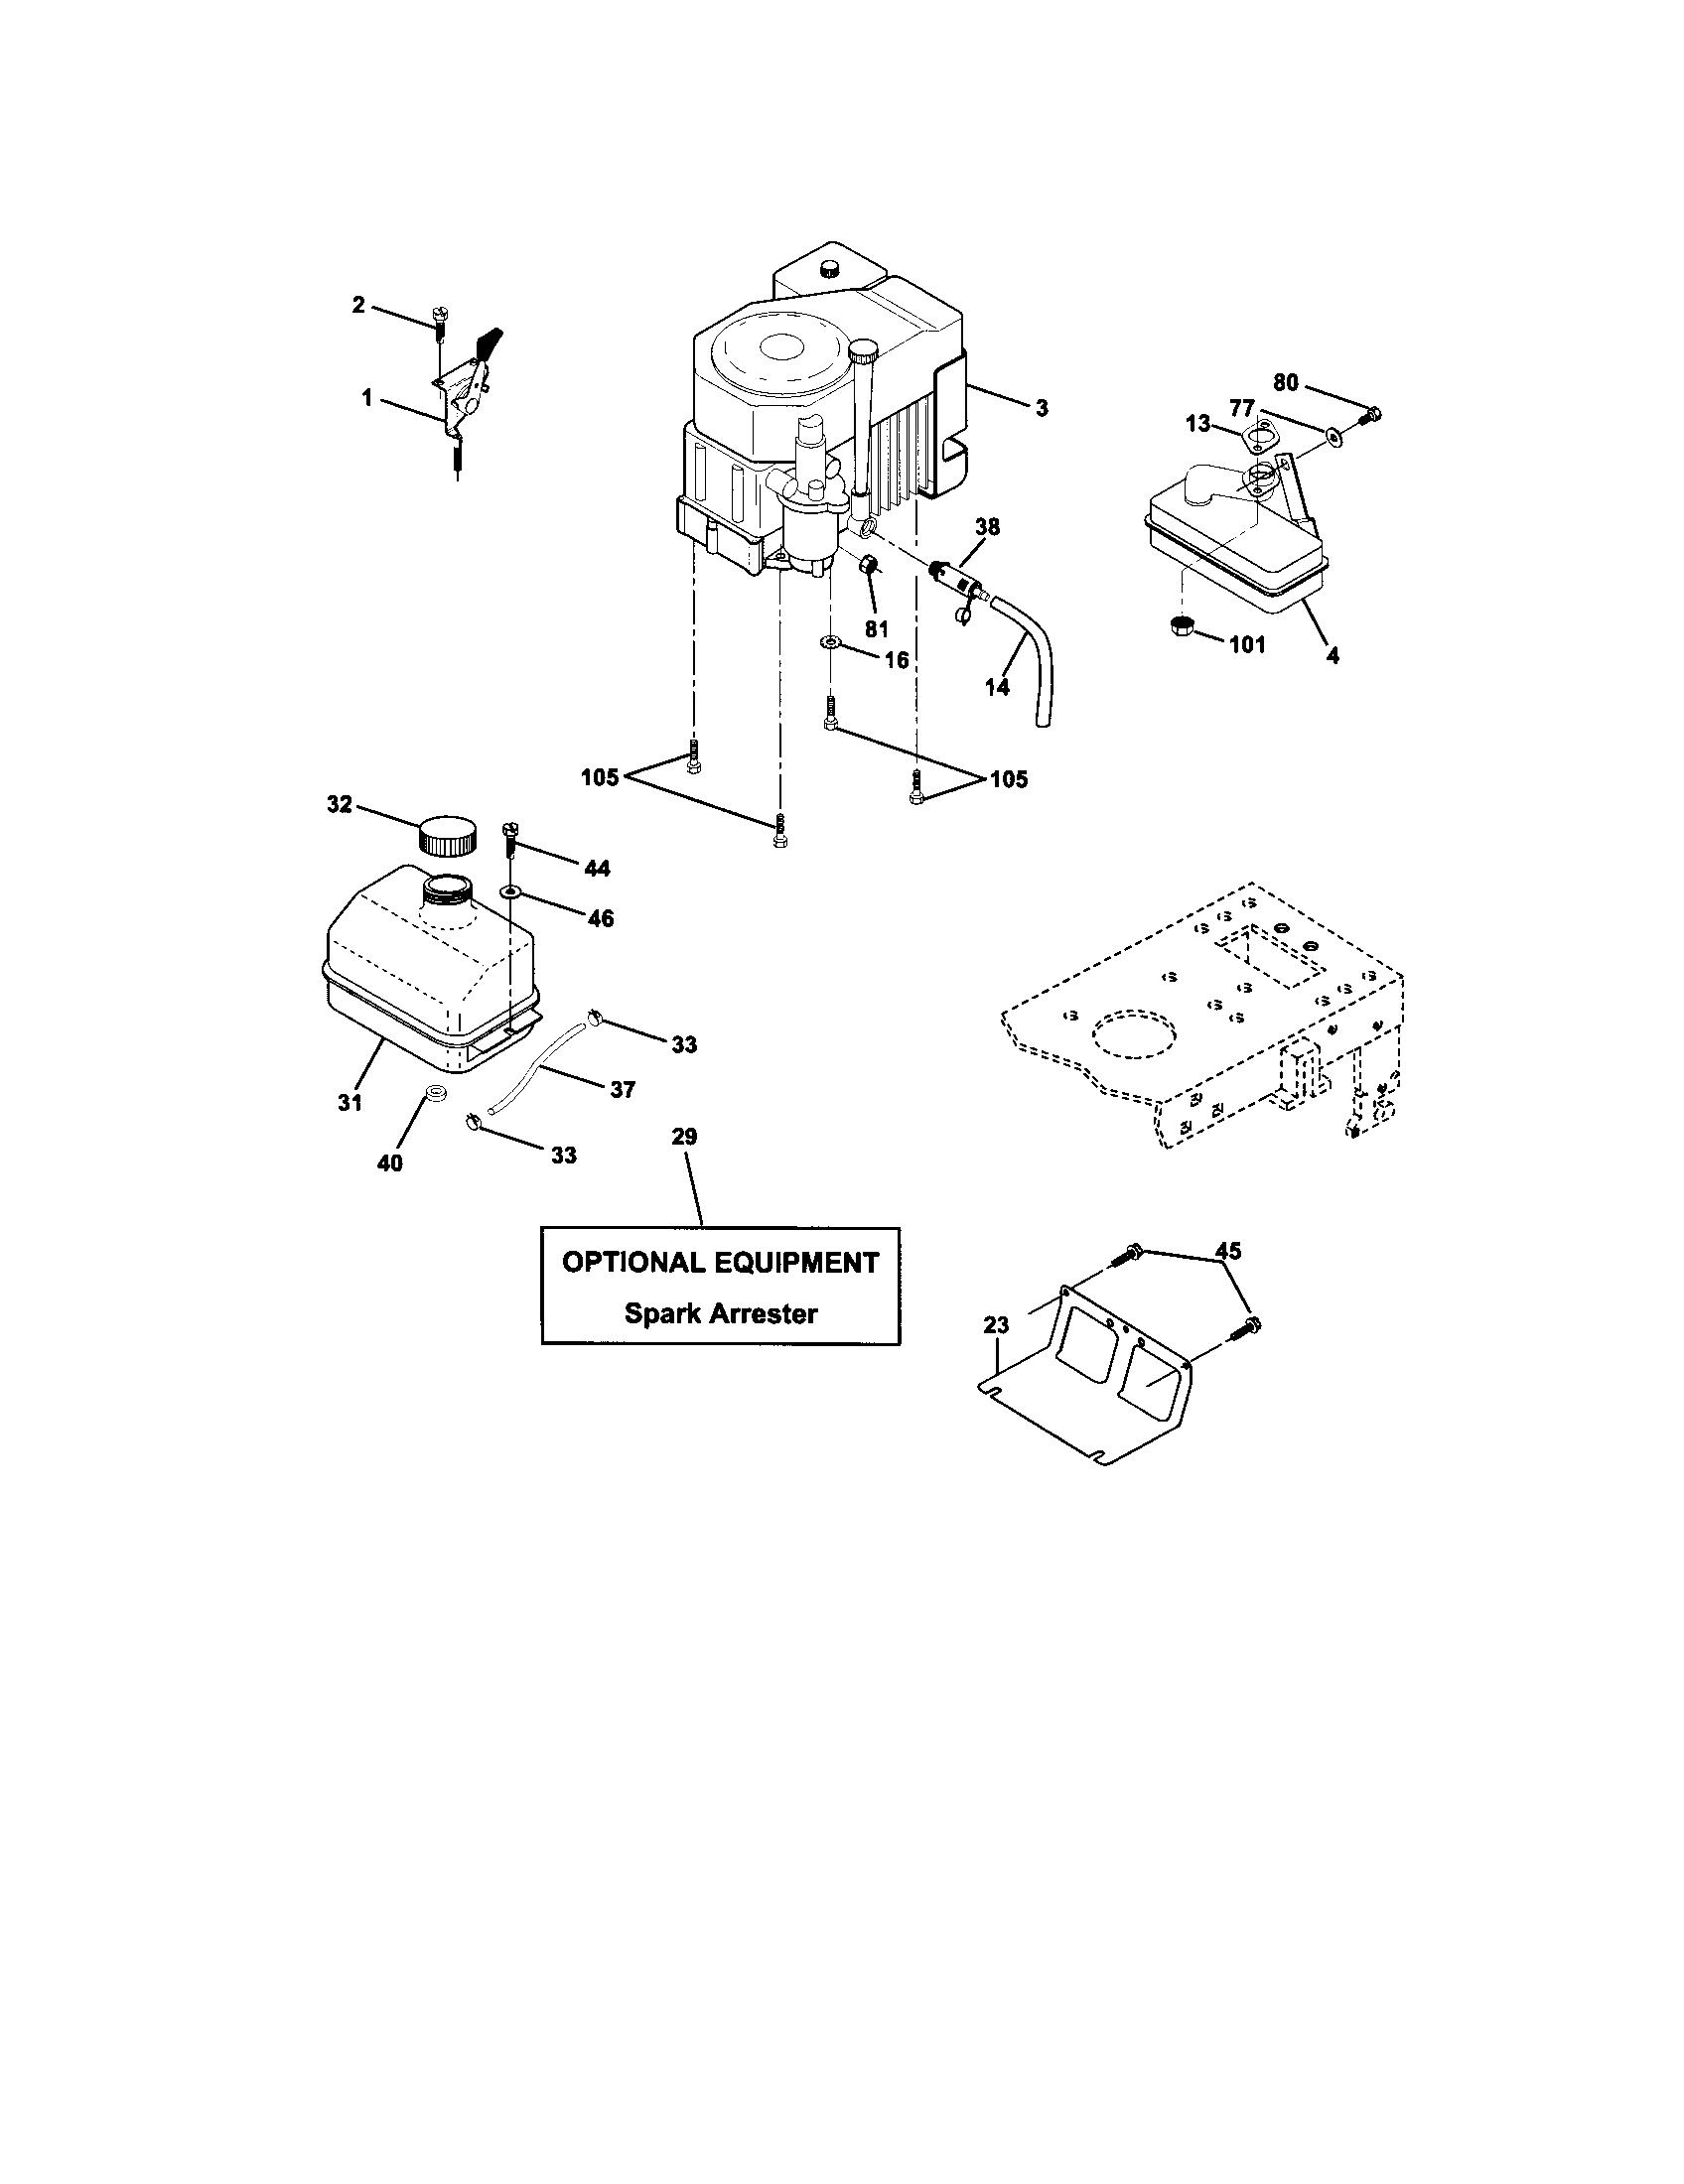 ENGINE Diagram & Parts List for Model 917272072 Craftsman